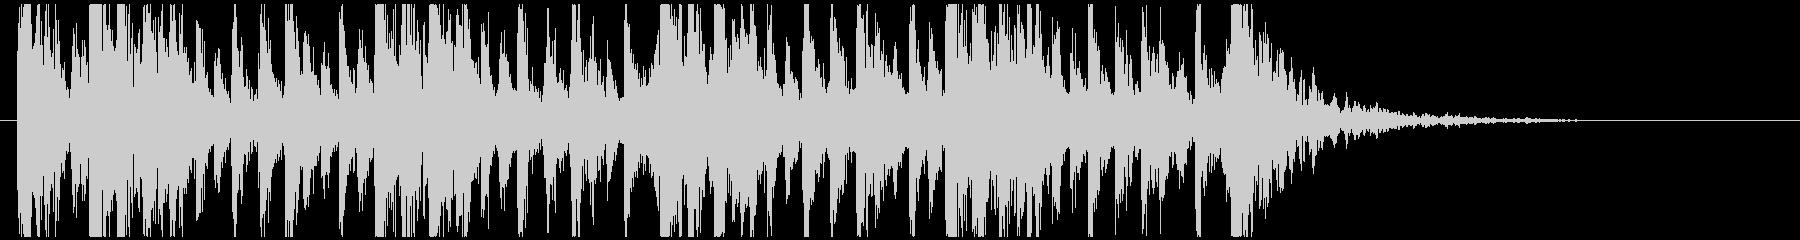 和太鼓のフレーズ1。残響ありの未再生の波形